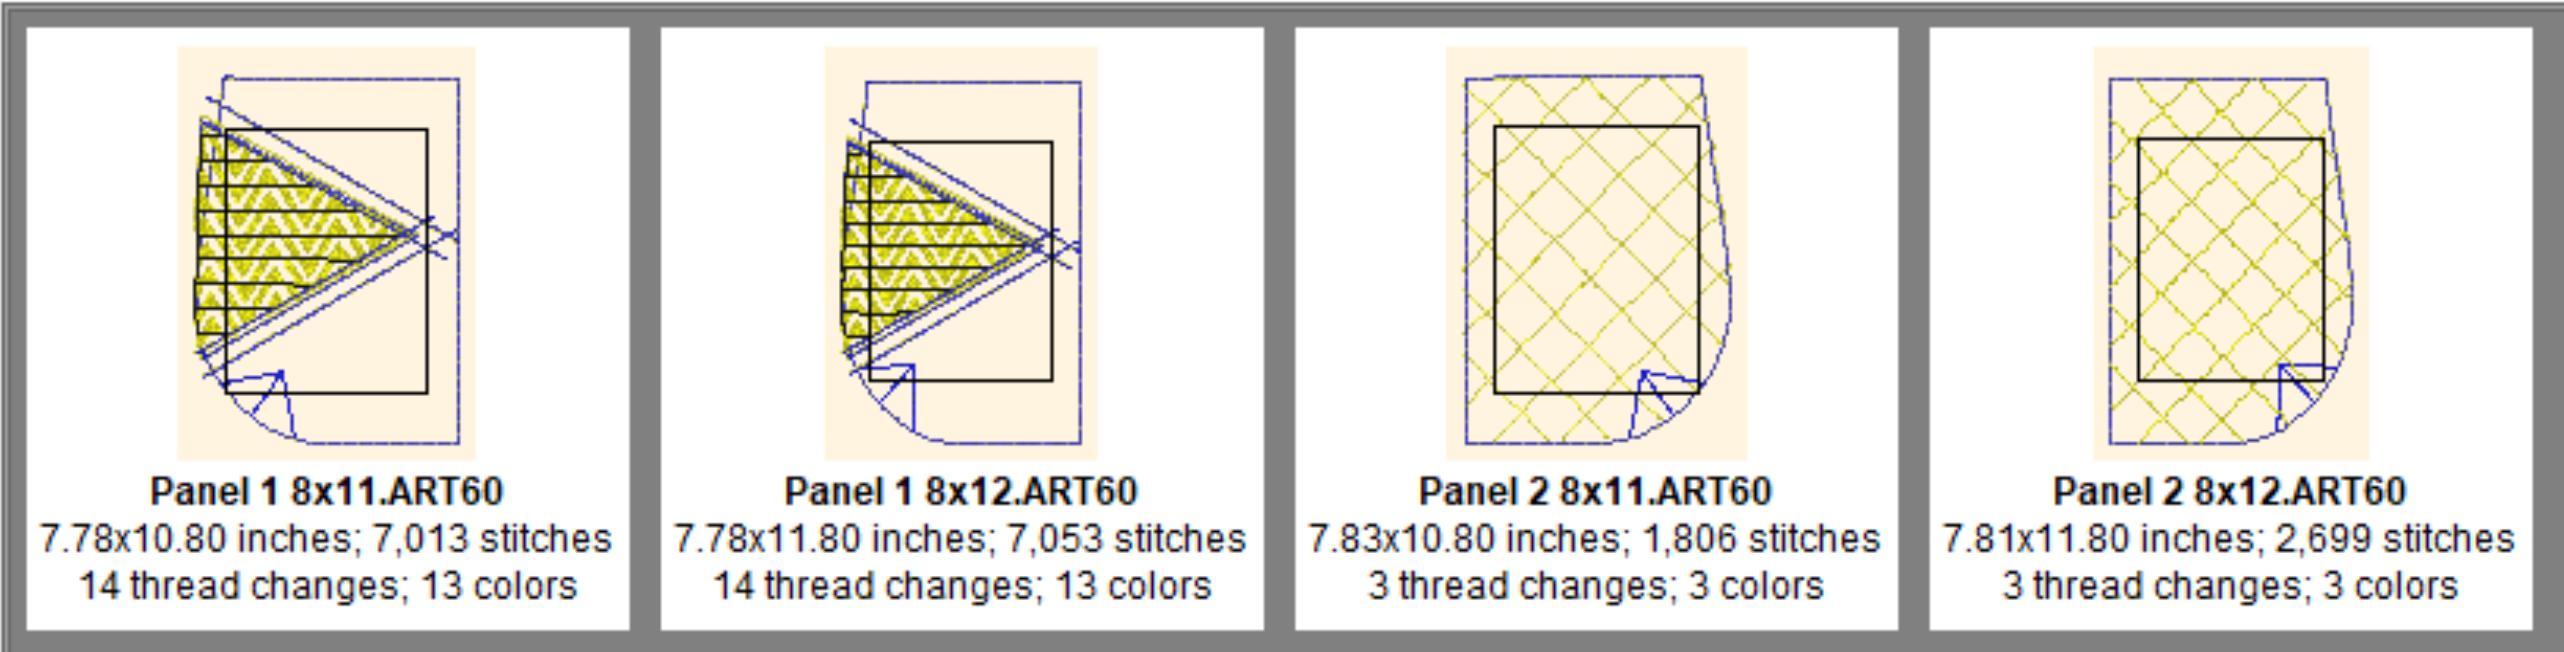 2 Panel Batik BOHO Shoulder Bag-4